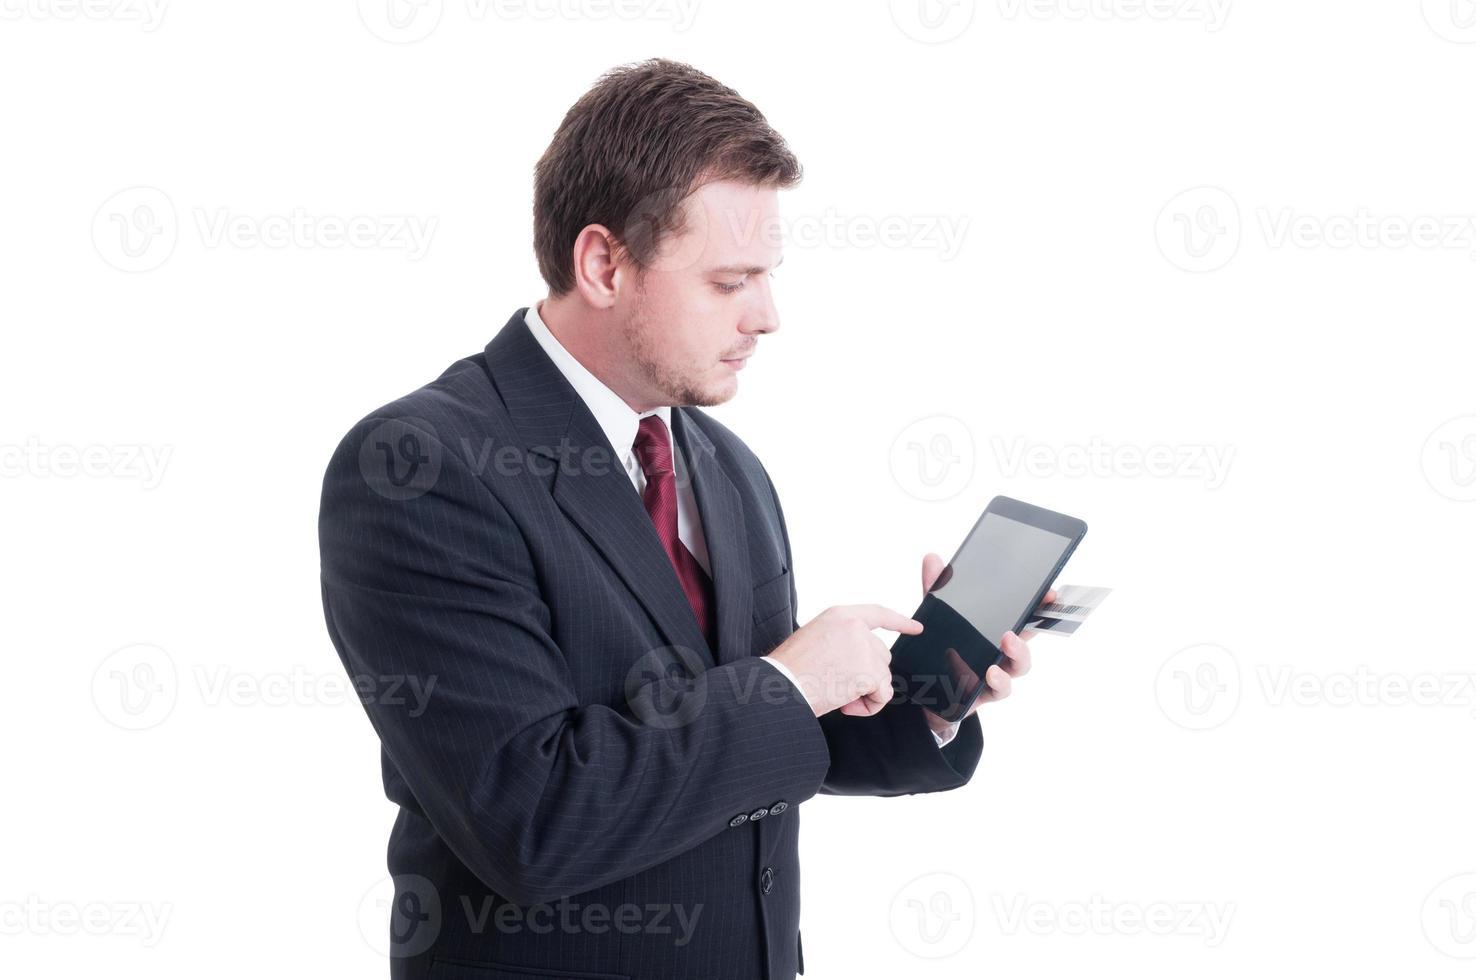 e-handel, e-bankkoncept med affärsman som håller surfplattan och foto